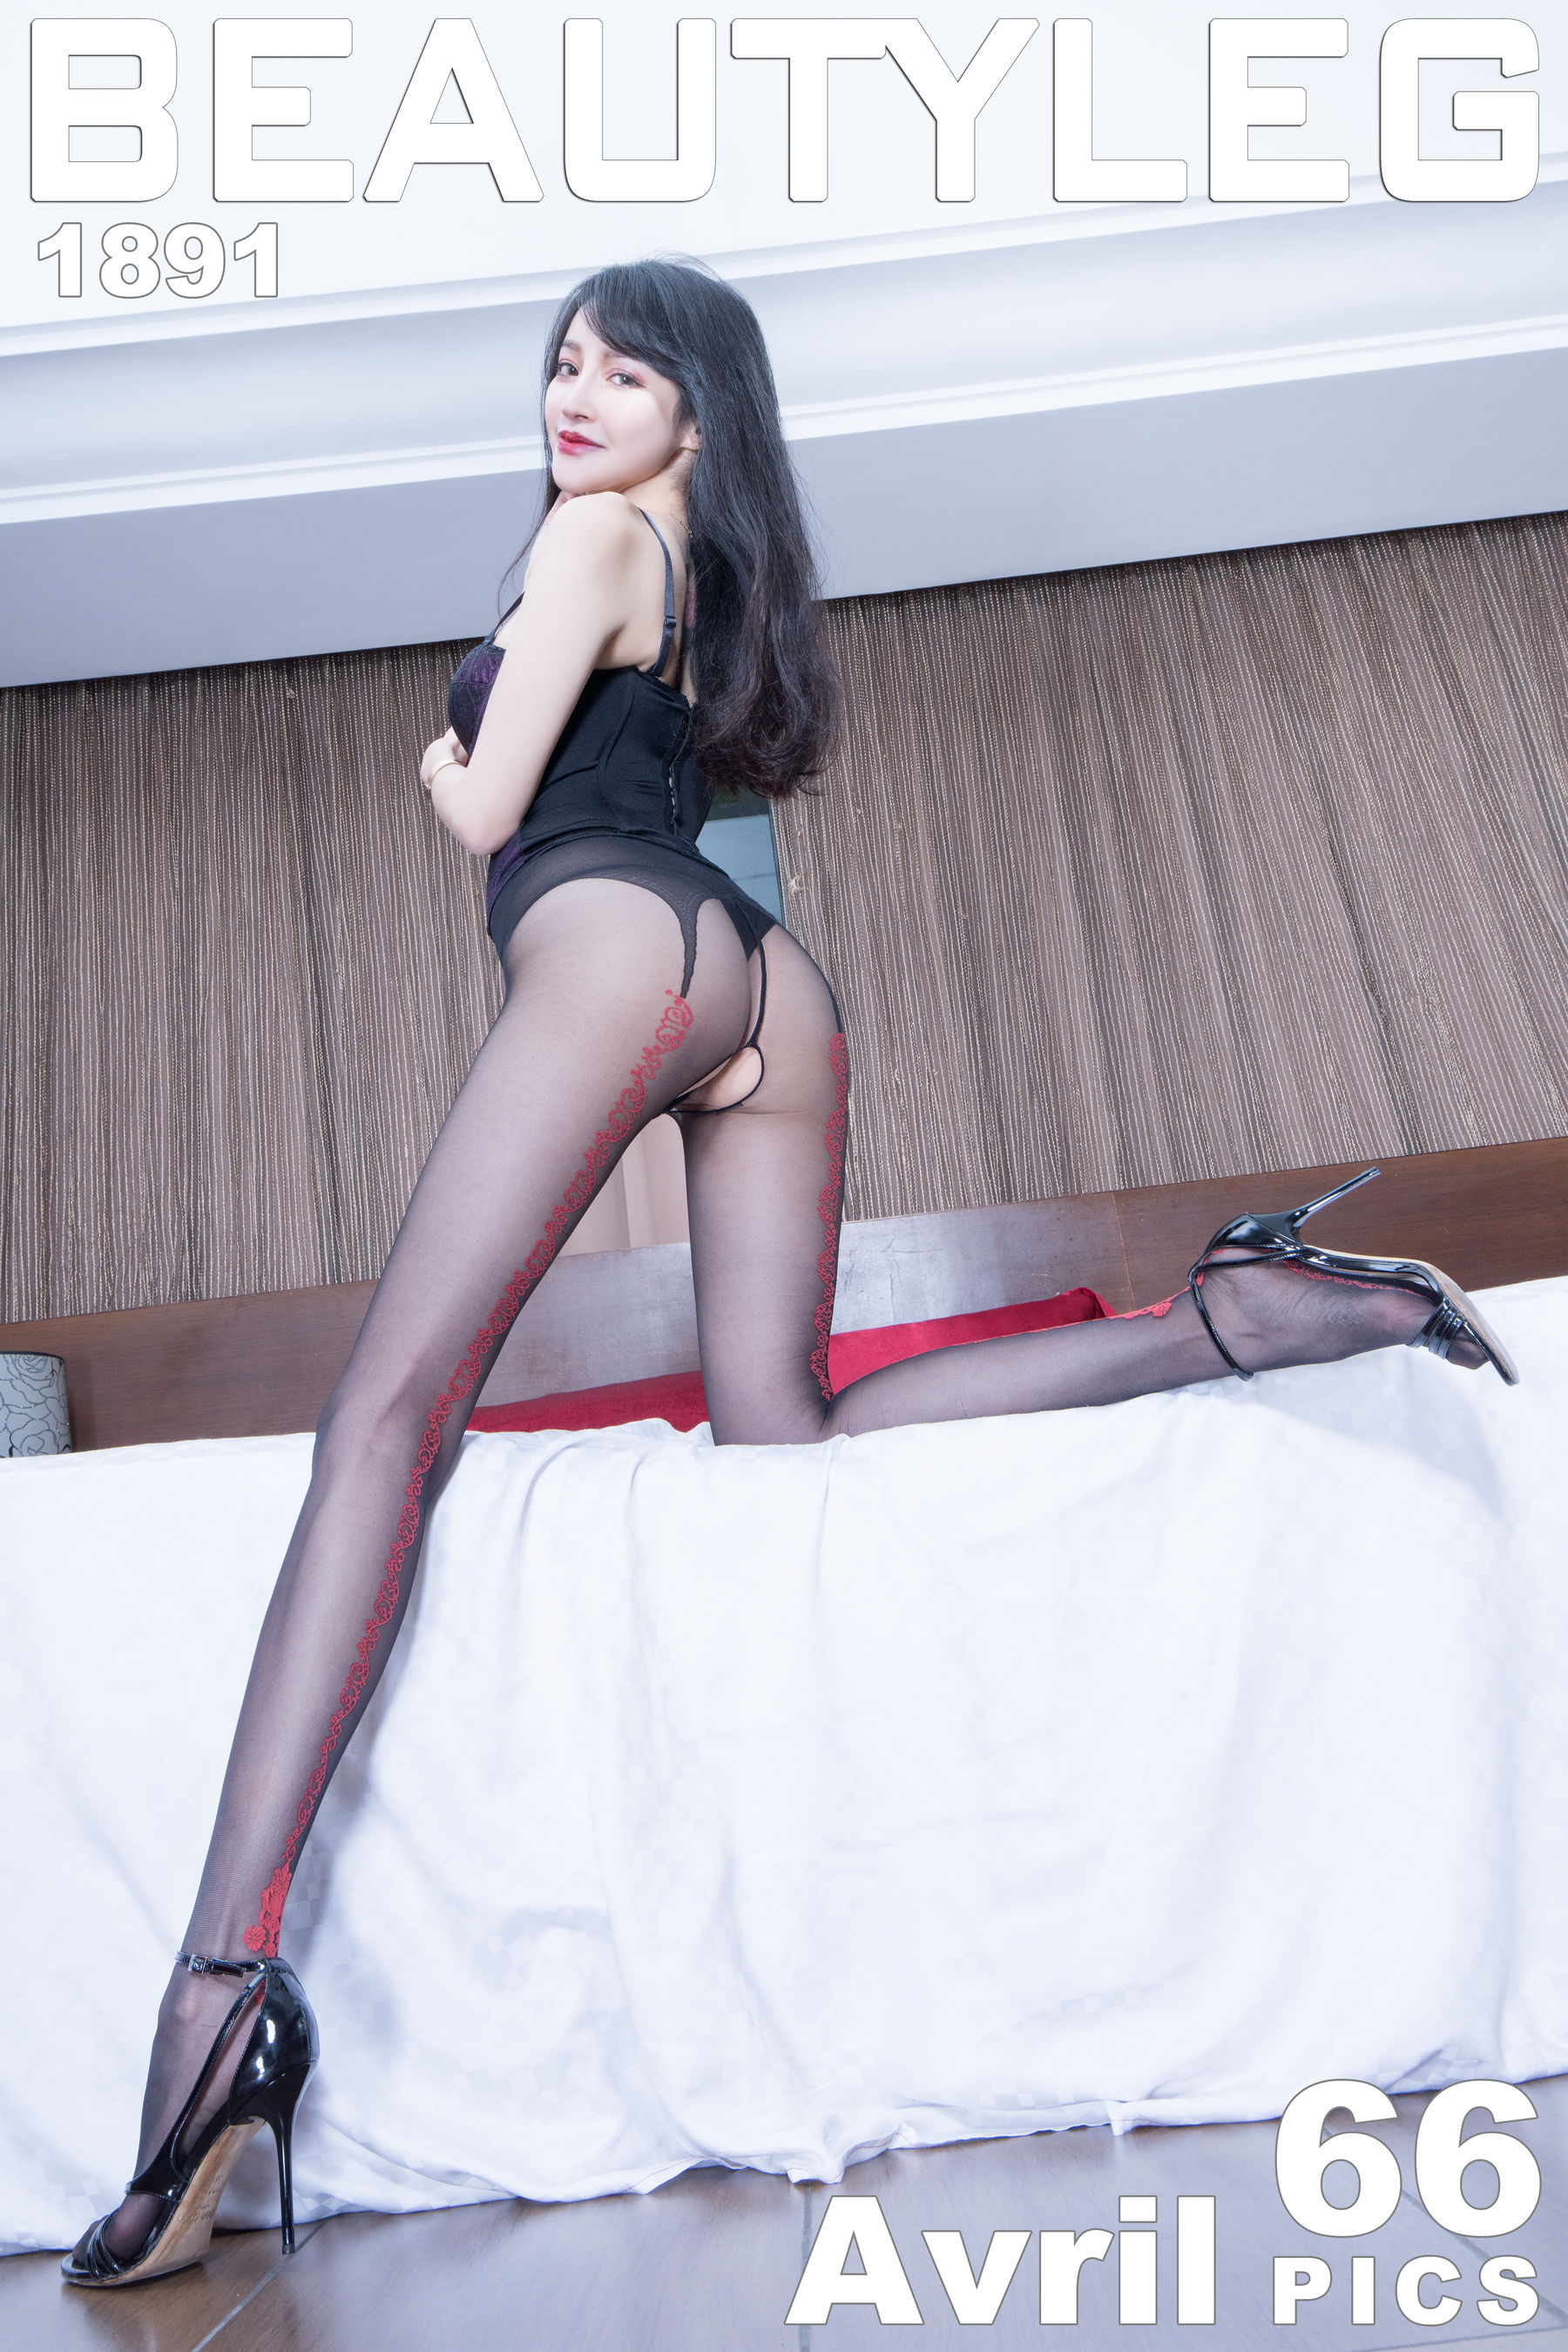 VOL.1195 [Beautyleg]丝袜美腿黑丝丝袜女郎:詹艾葳(腿模Avril,腿模Arvil)超高清个人性感漂亮大图(57P)